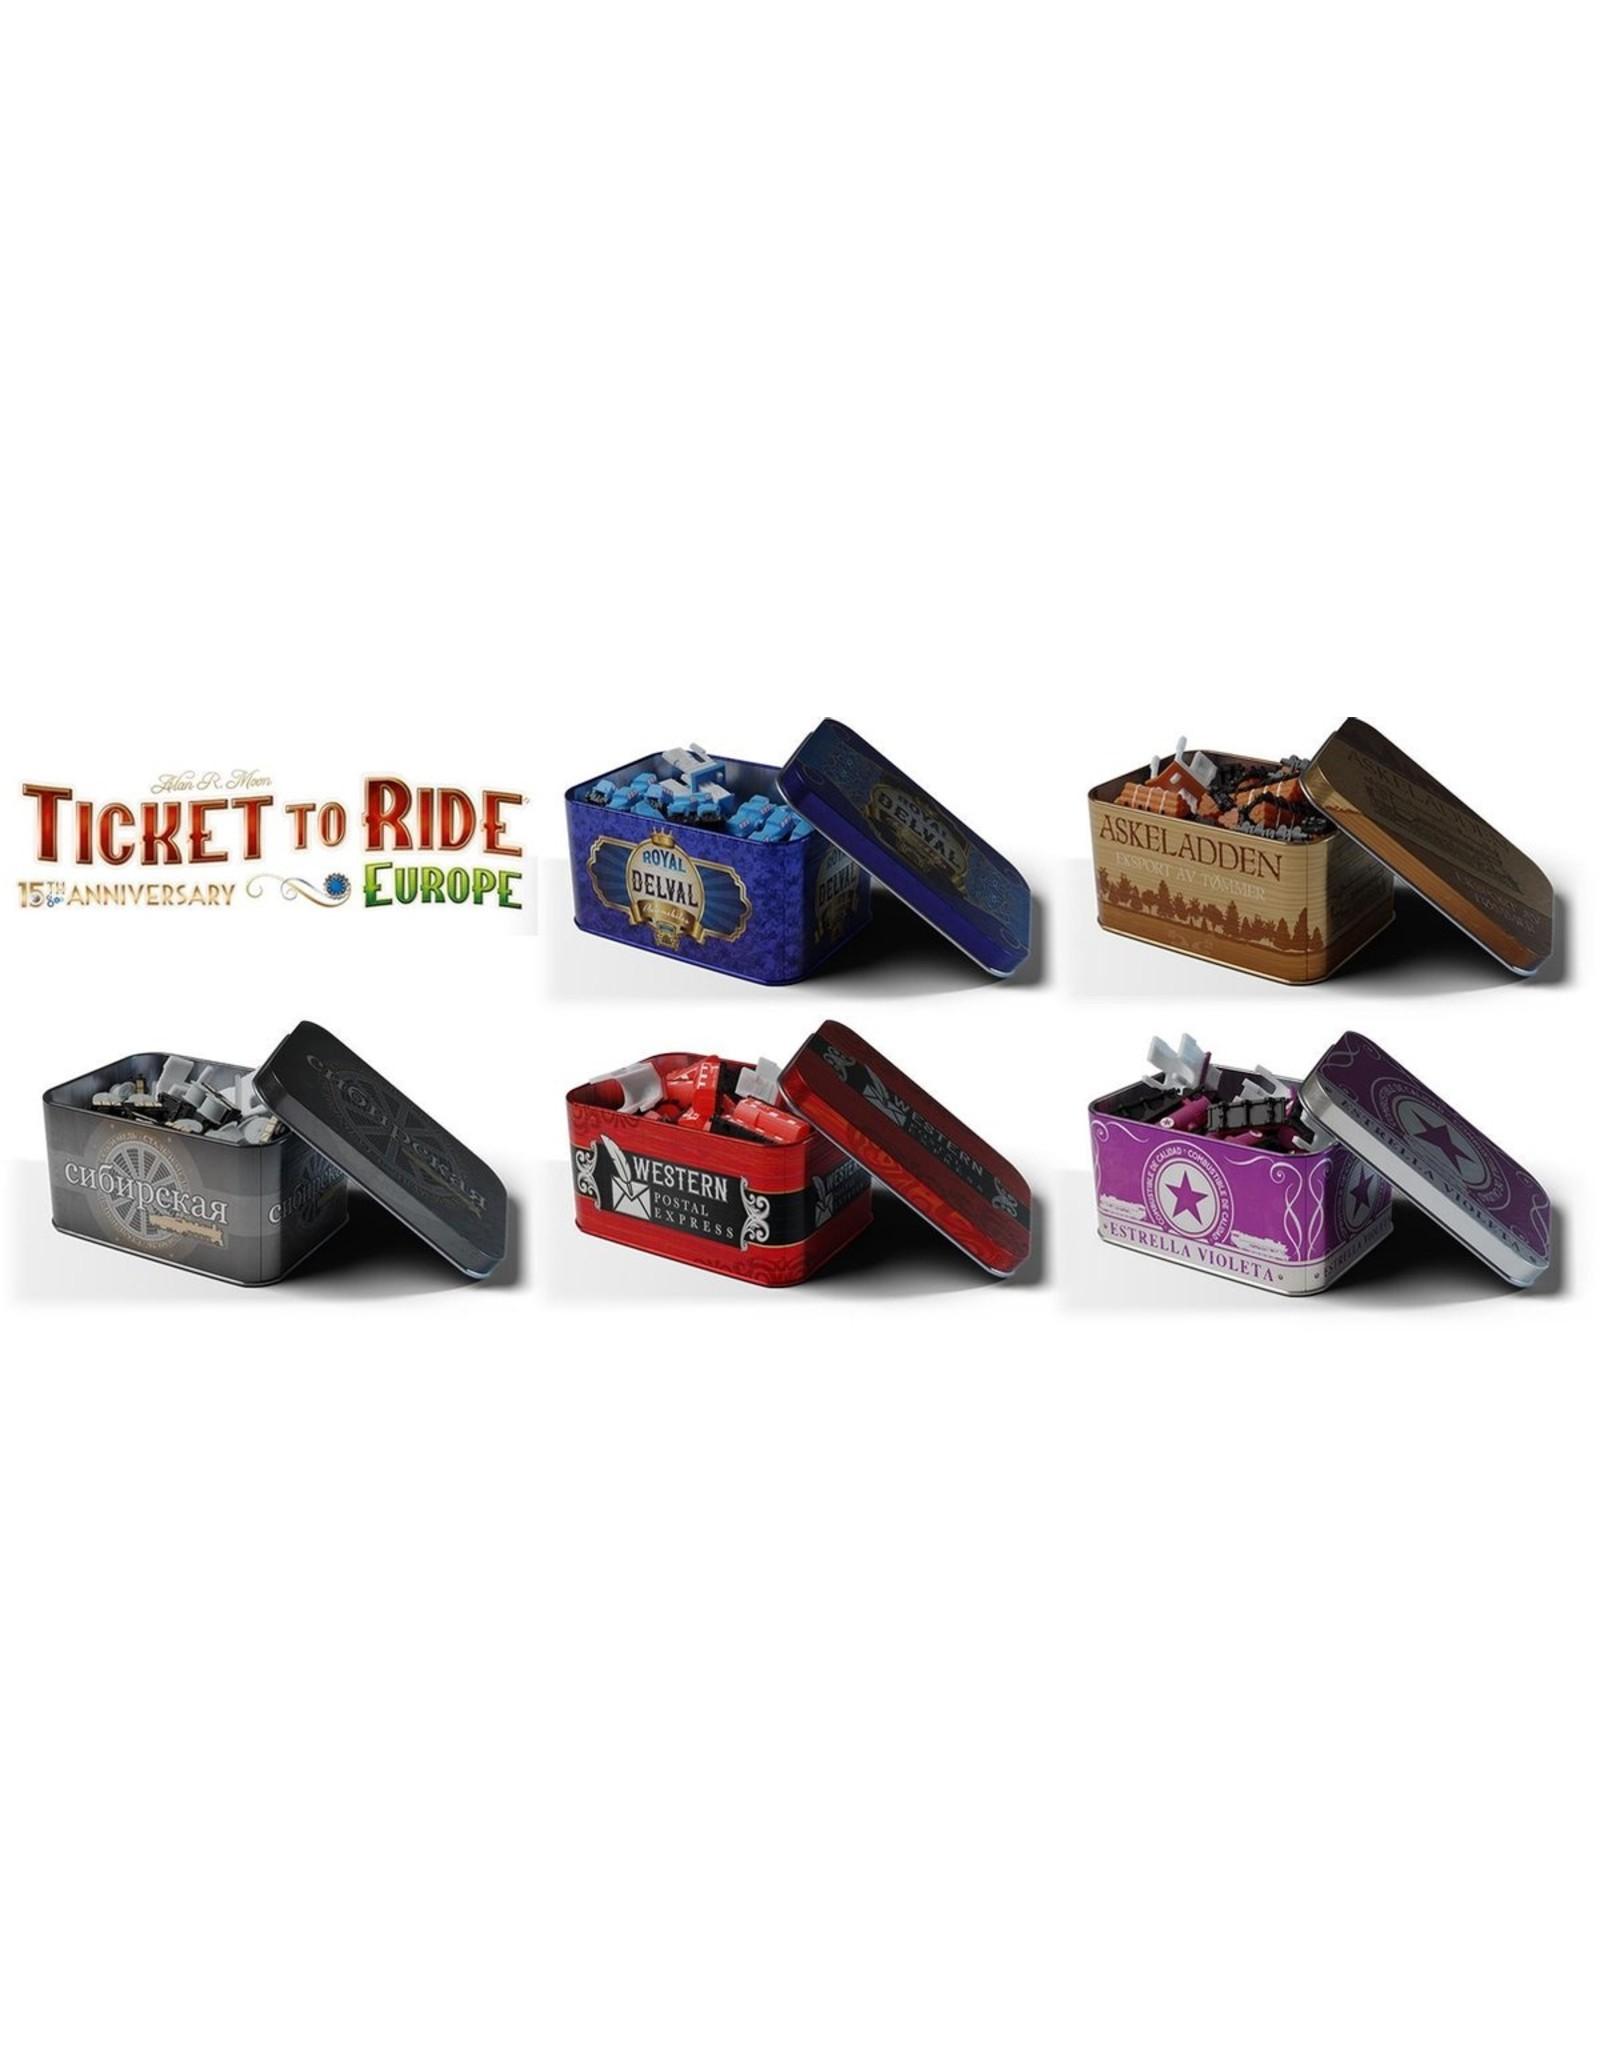 Ticket to Ride  - Europe - 15th Anniversary - Bordspel - Engelstalig